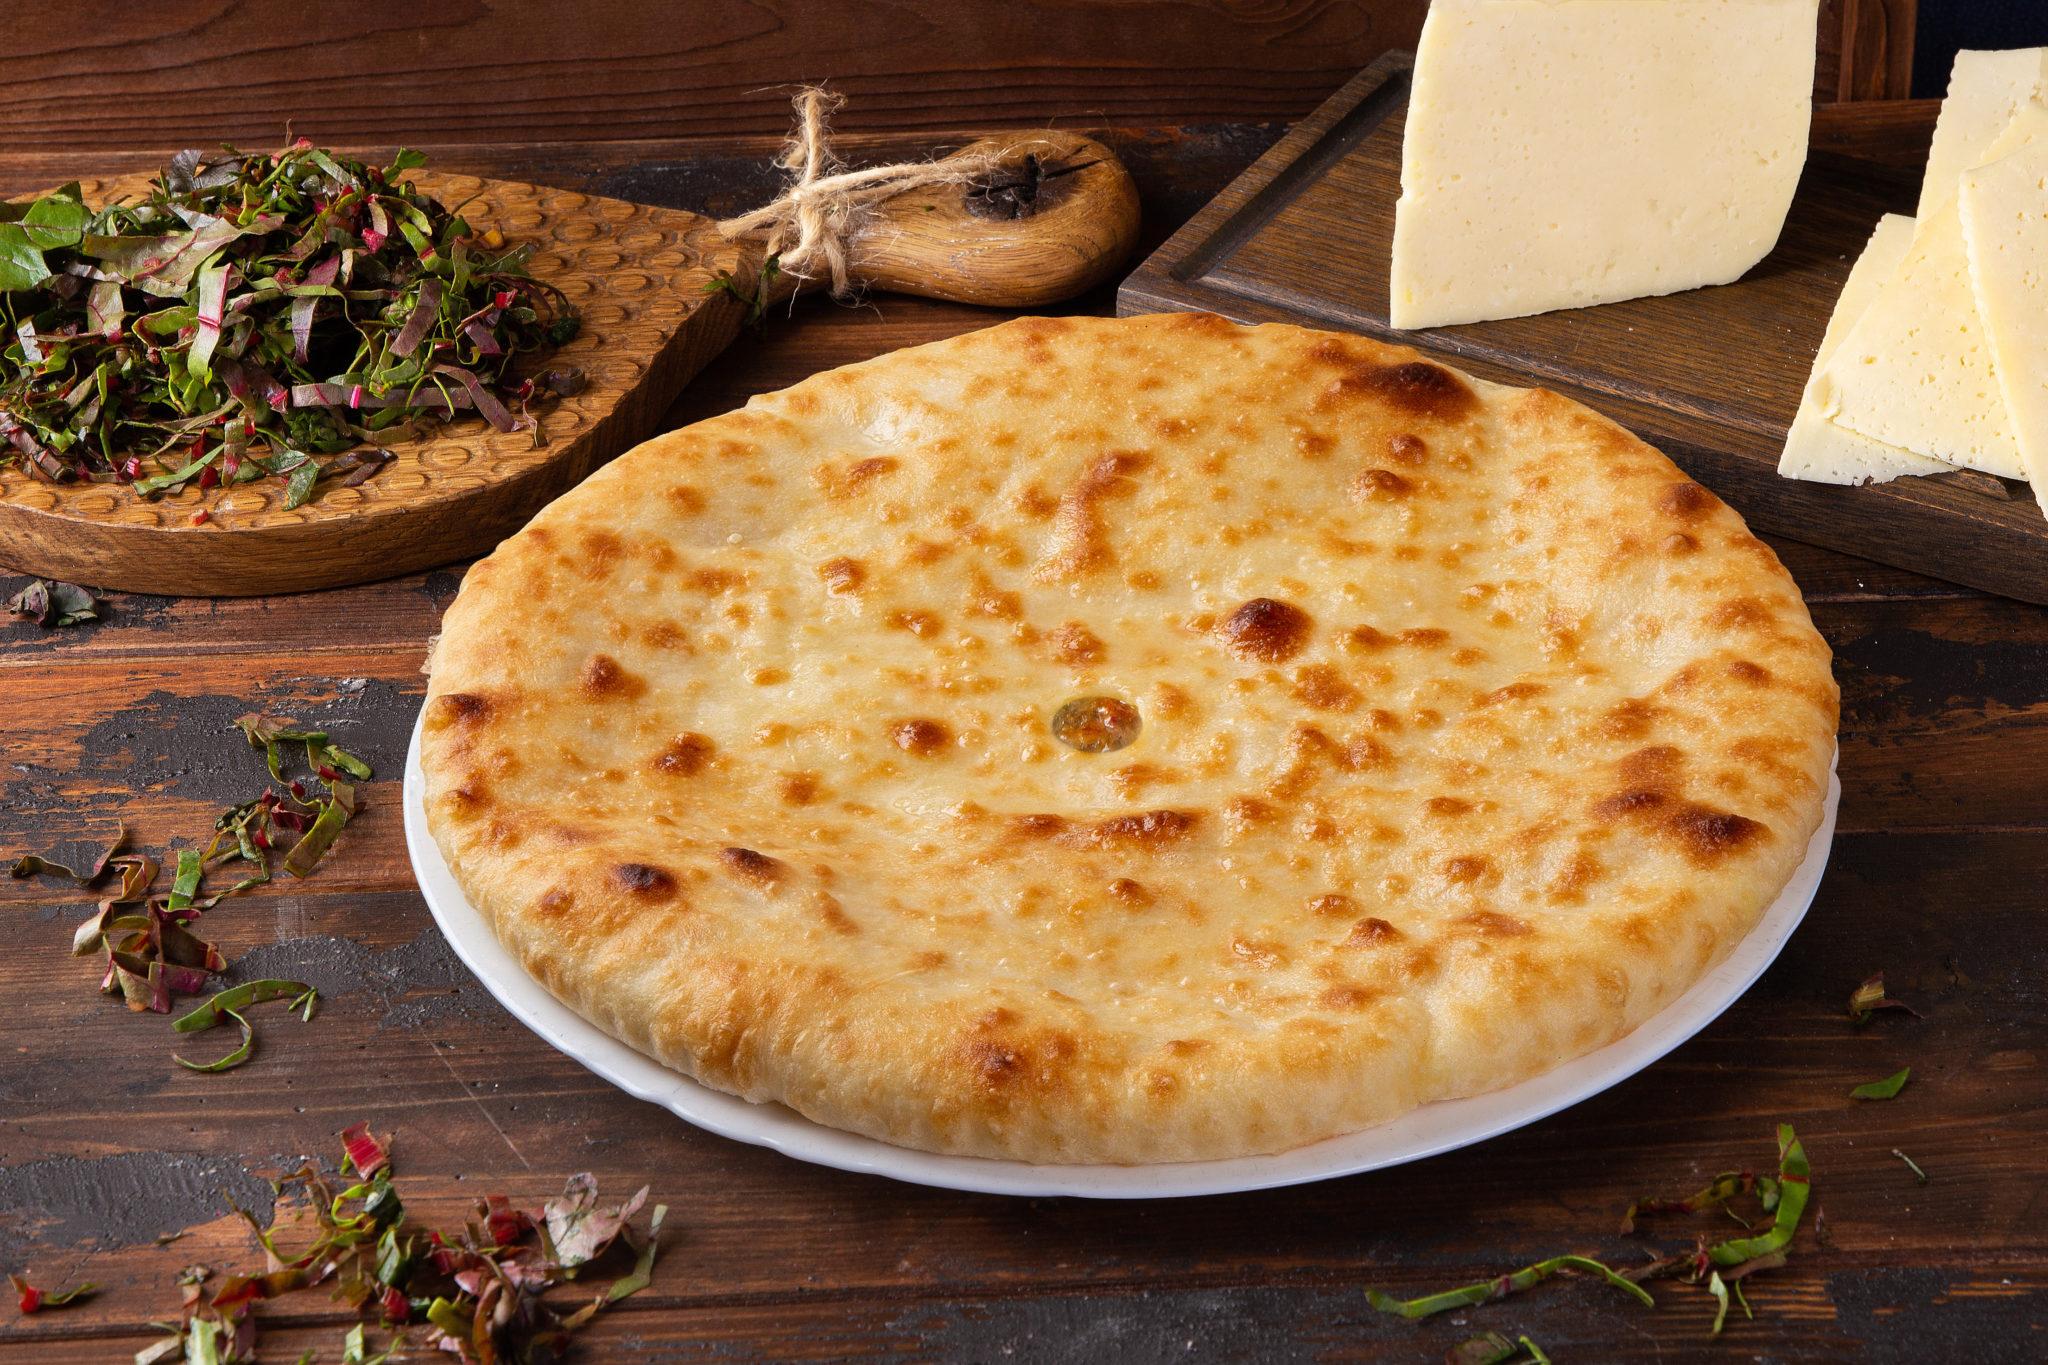 новые как делают осетинские пироги фото текстура